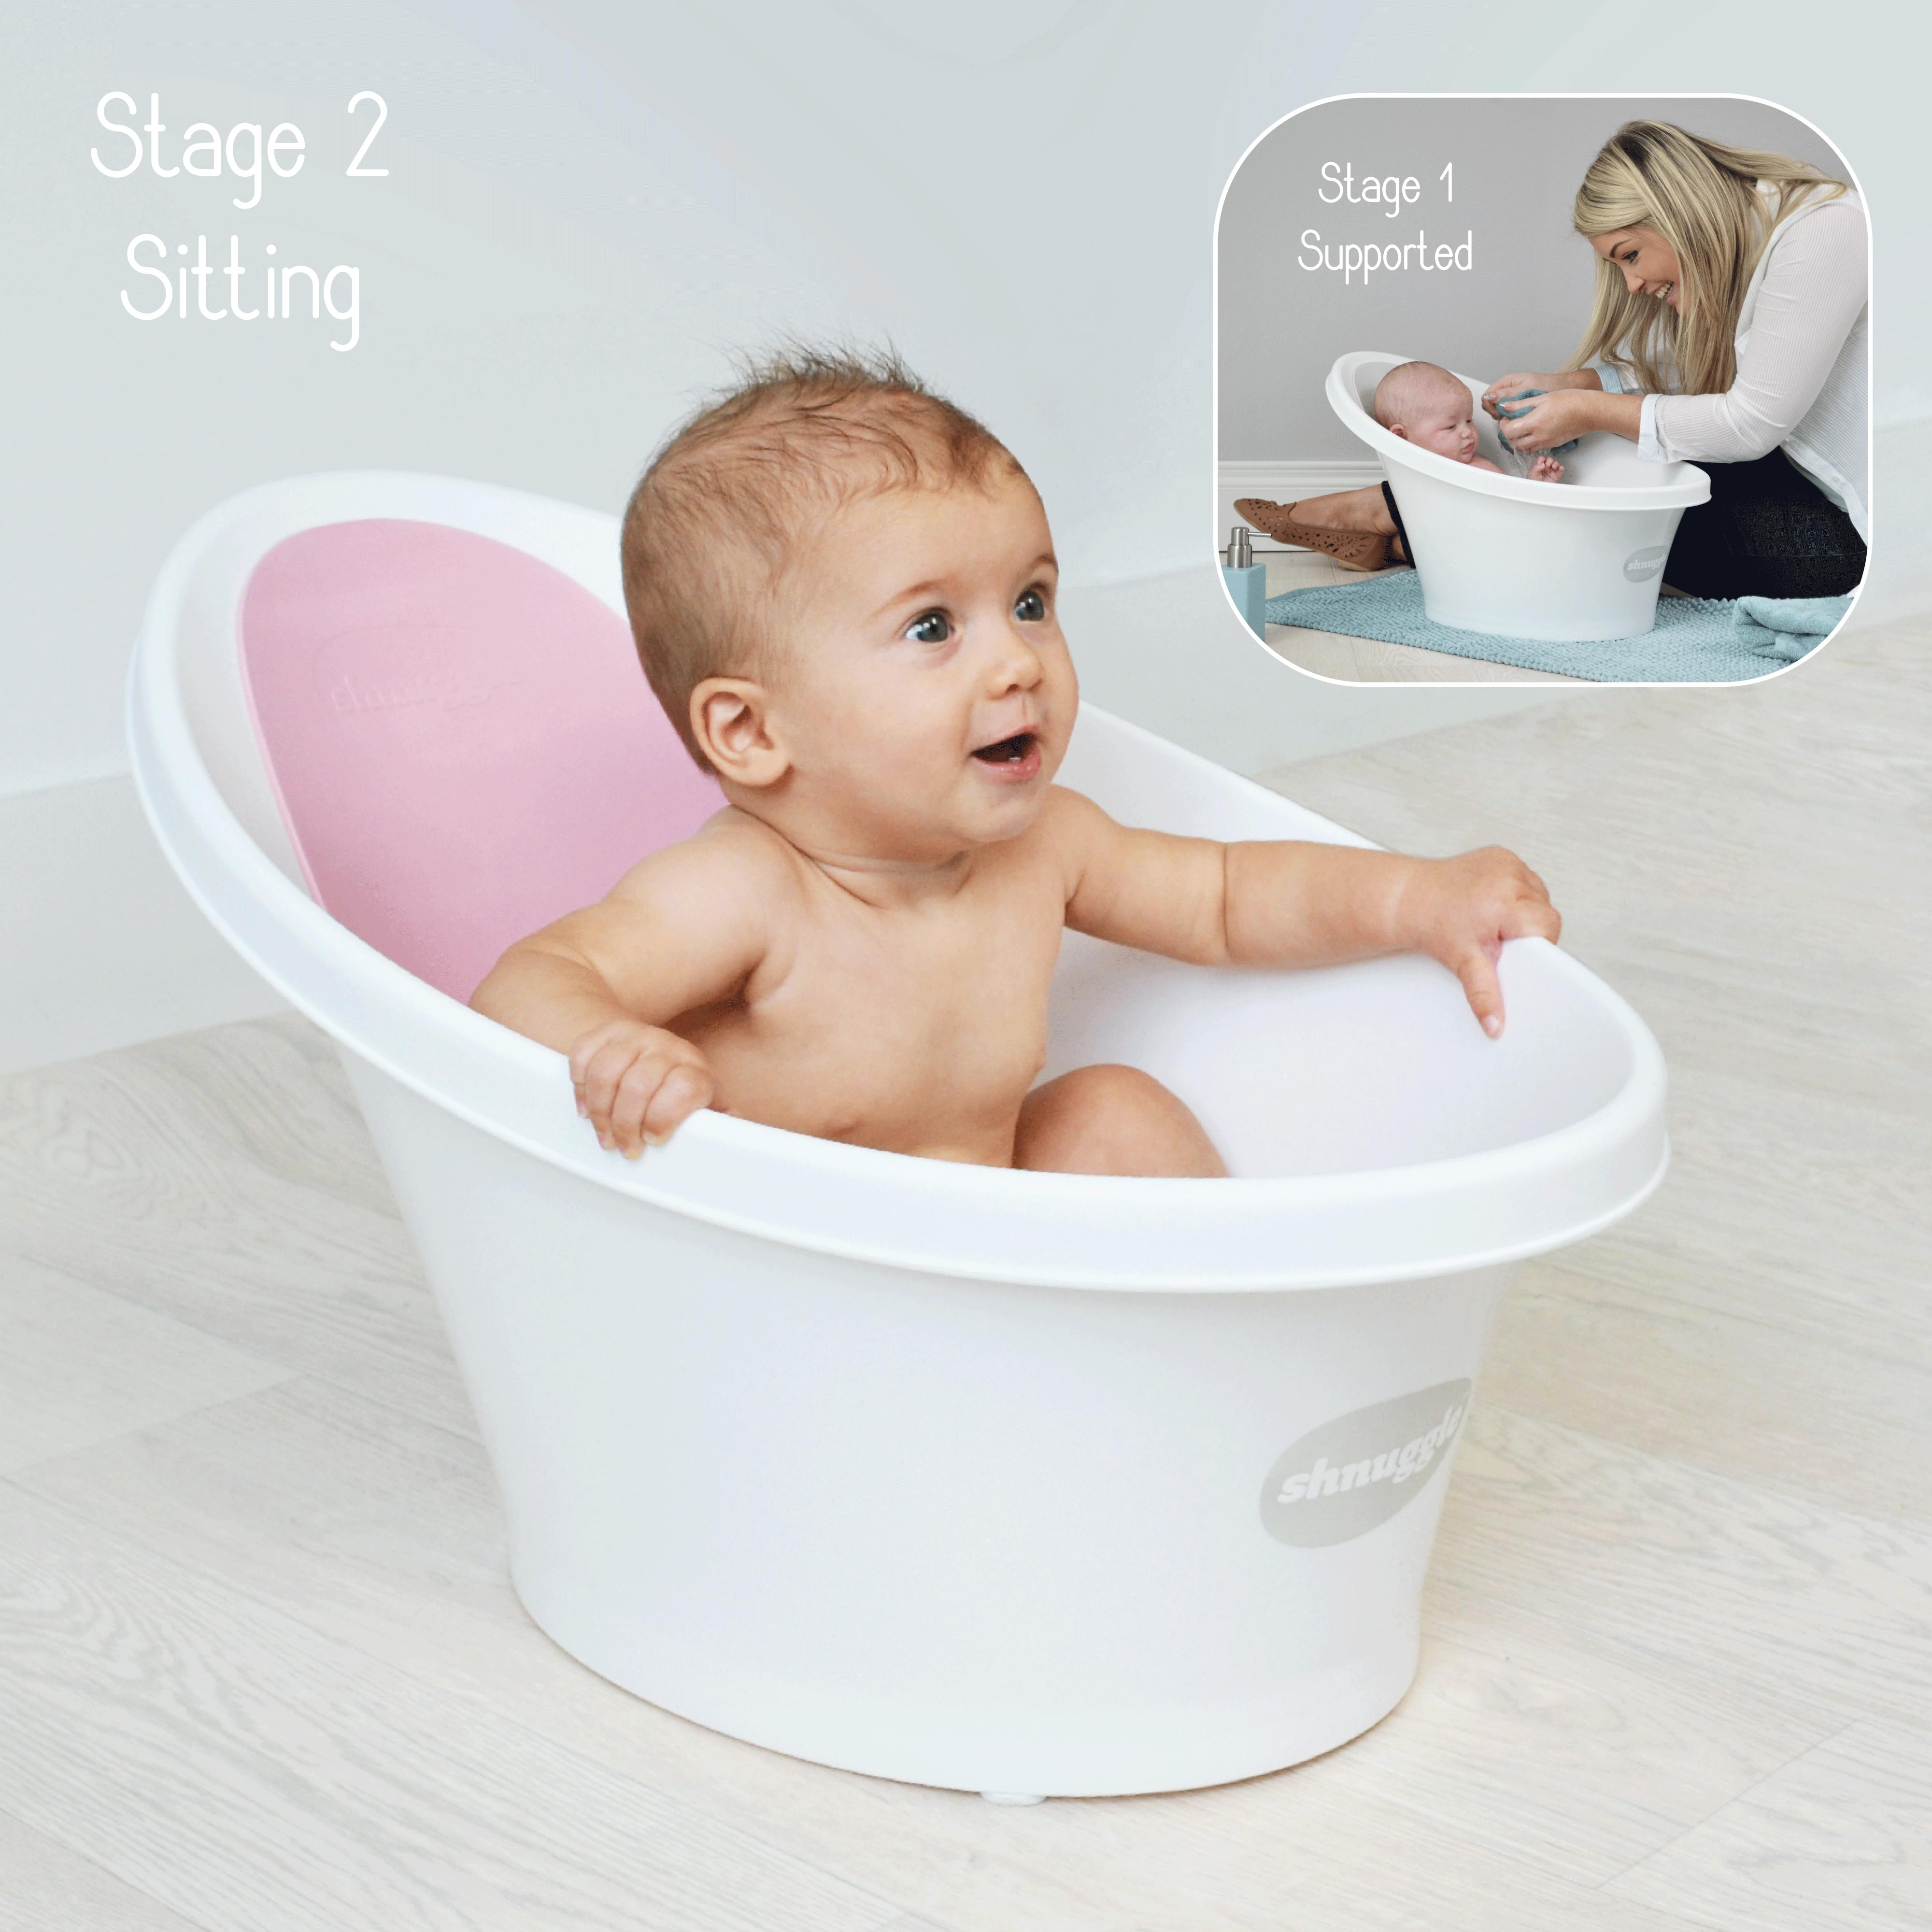 Shnuggle Bath - 2 Stages | Shnuggle Bath | Pinterest | Bump, 12 ...